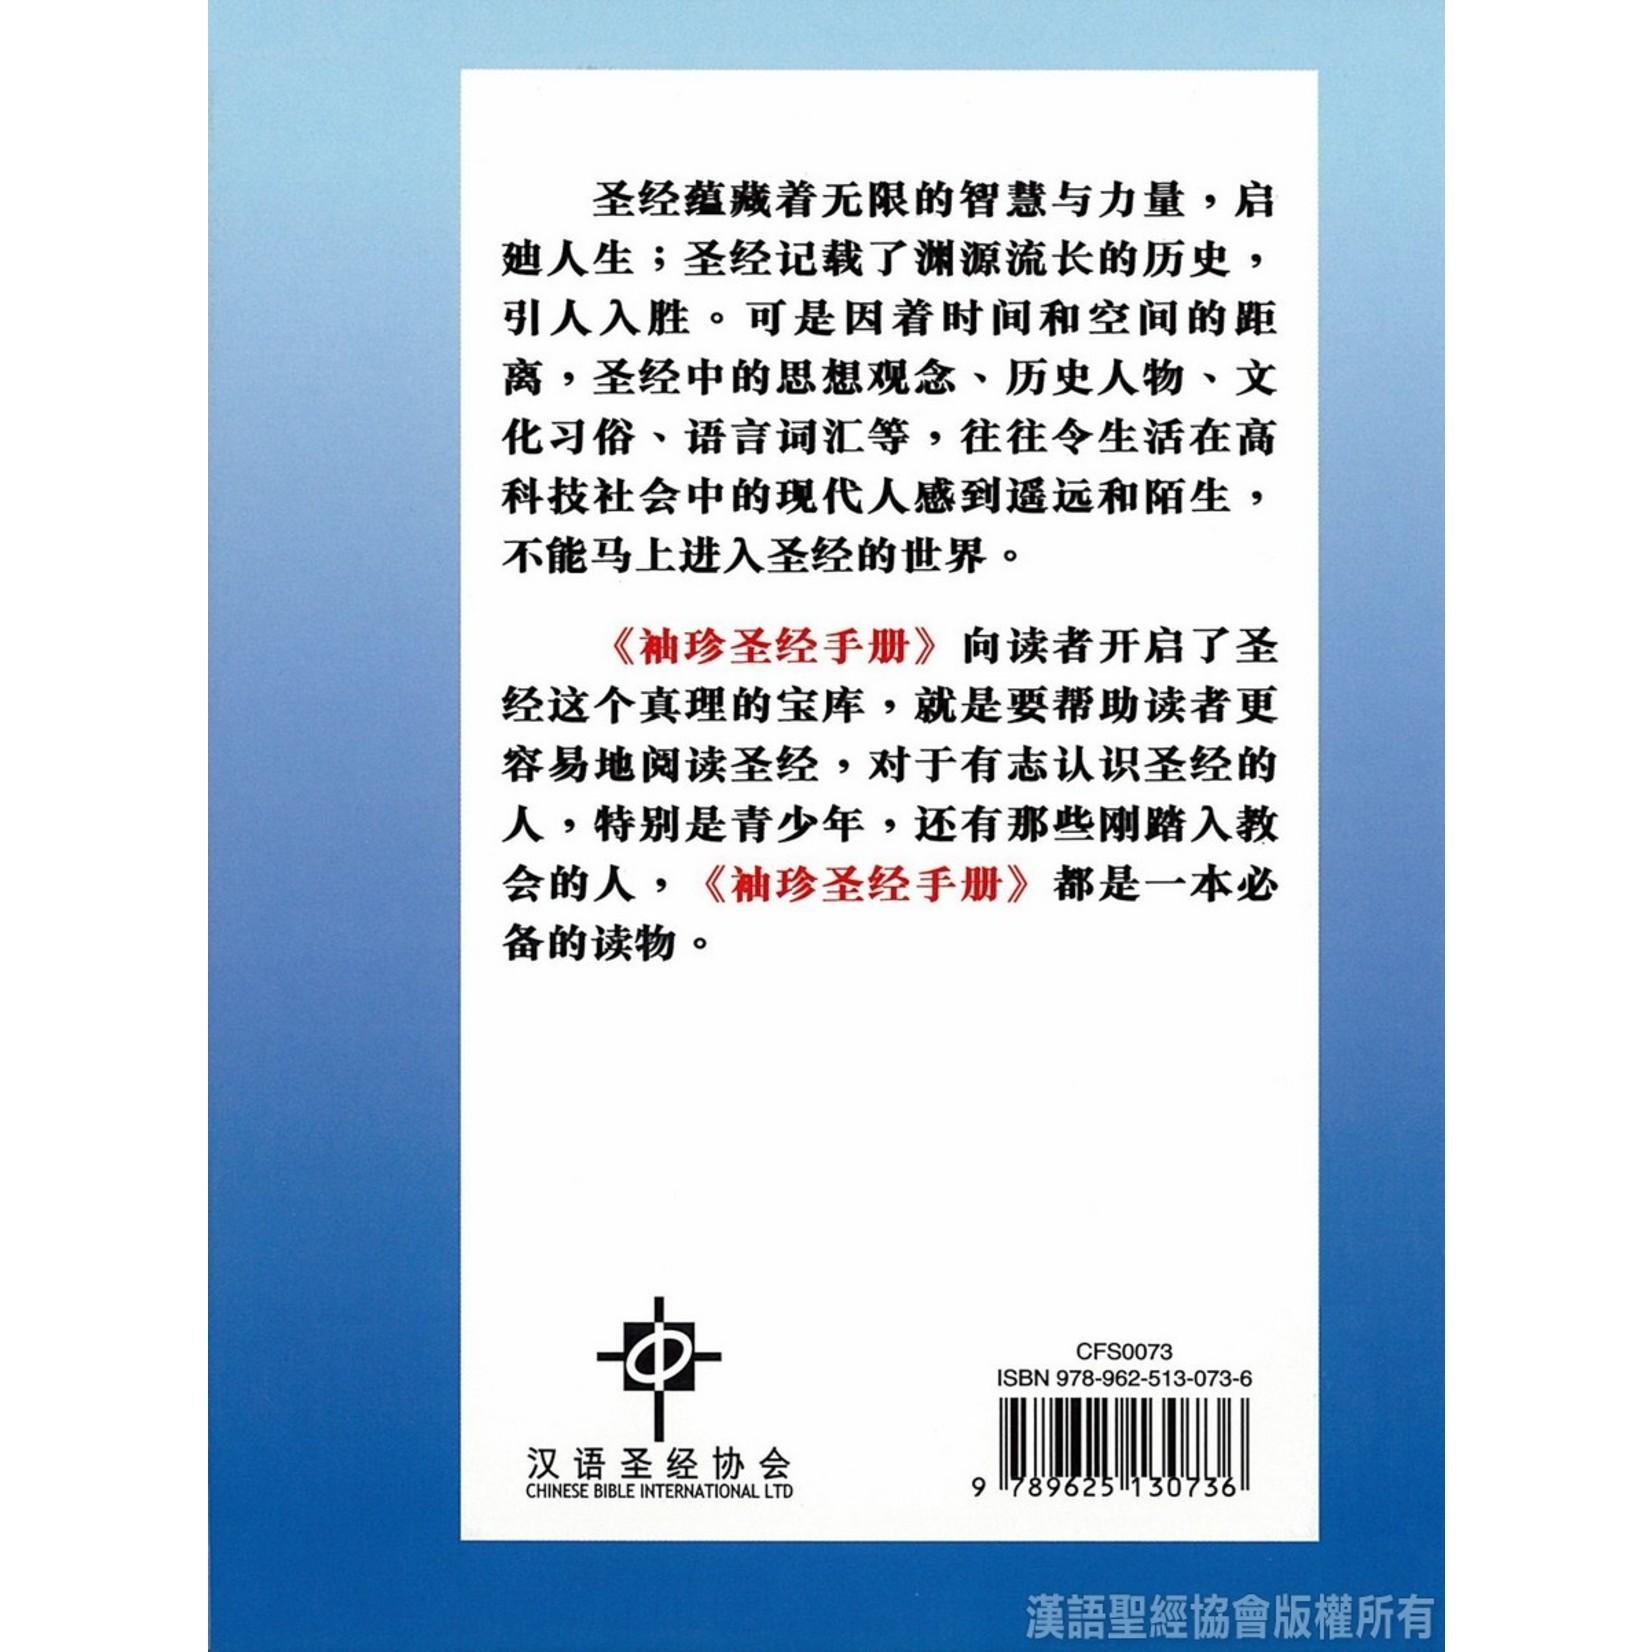 漢語聖經協會 Chinese Bible International 袖珍圣经手册